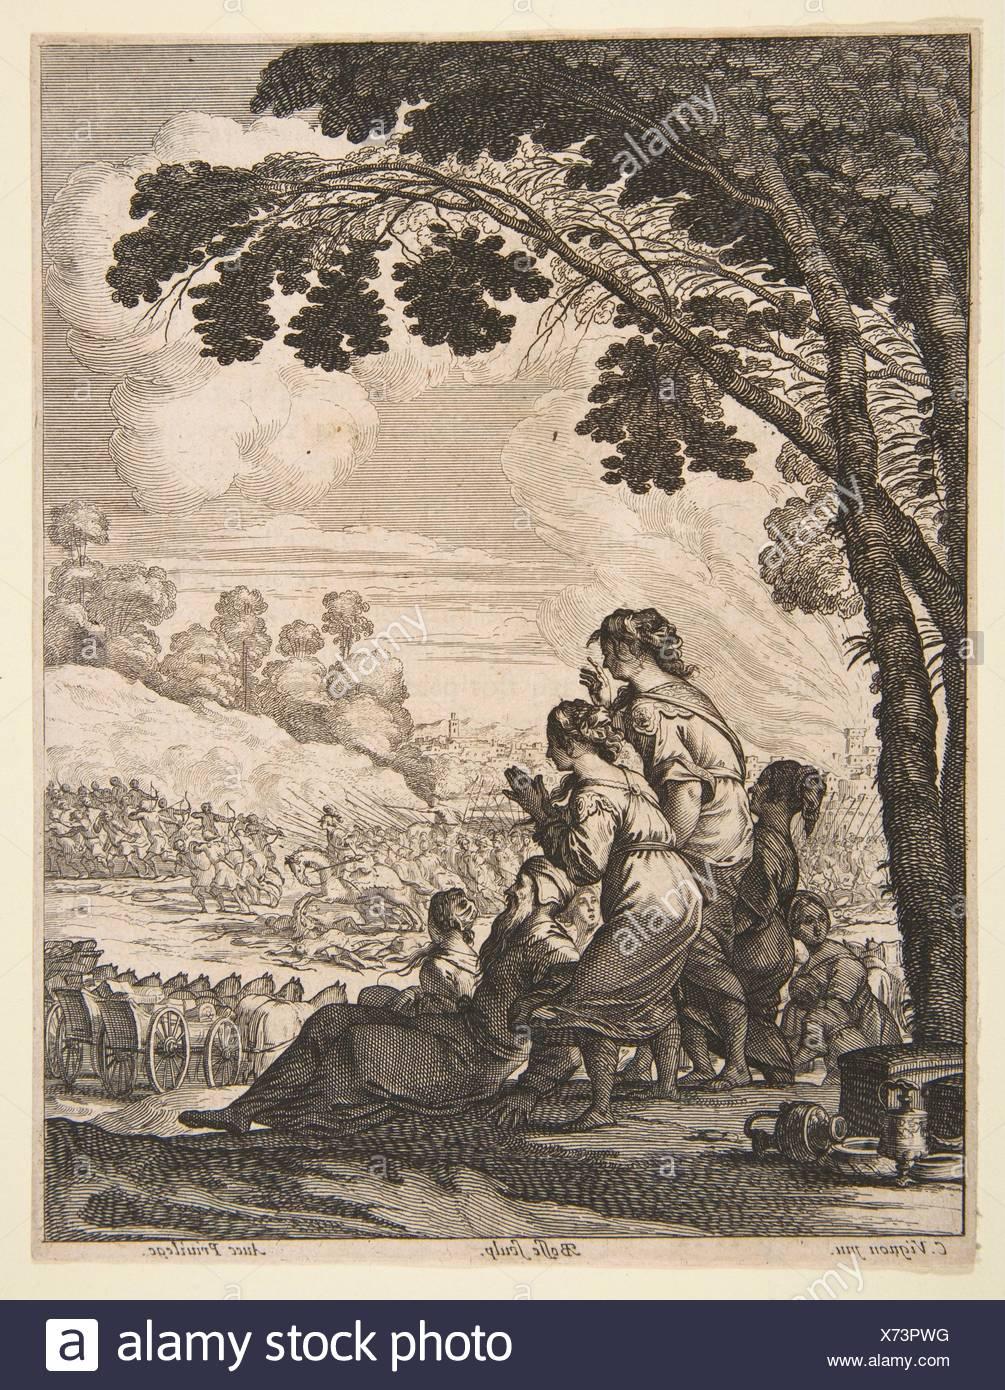 Abbildung von L'Ariane von Desmarets de Saint-Sorlin; Palamede auf dem Pferd konfrontiert seine Feinde während der Suche nach epicharis. Artist: Abraham Stockbild